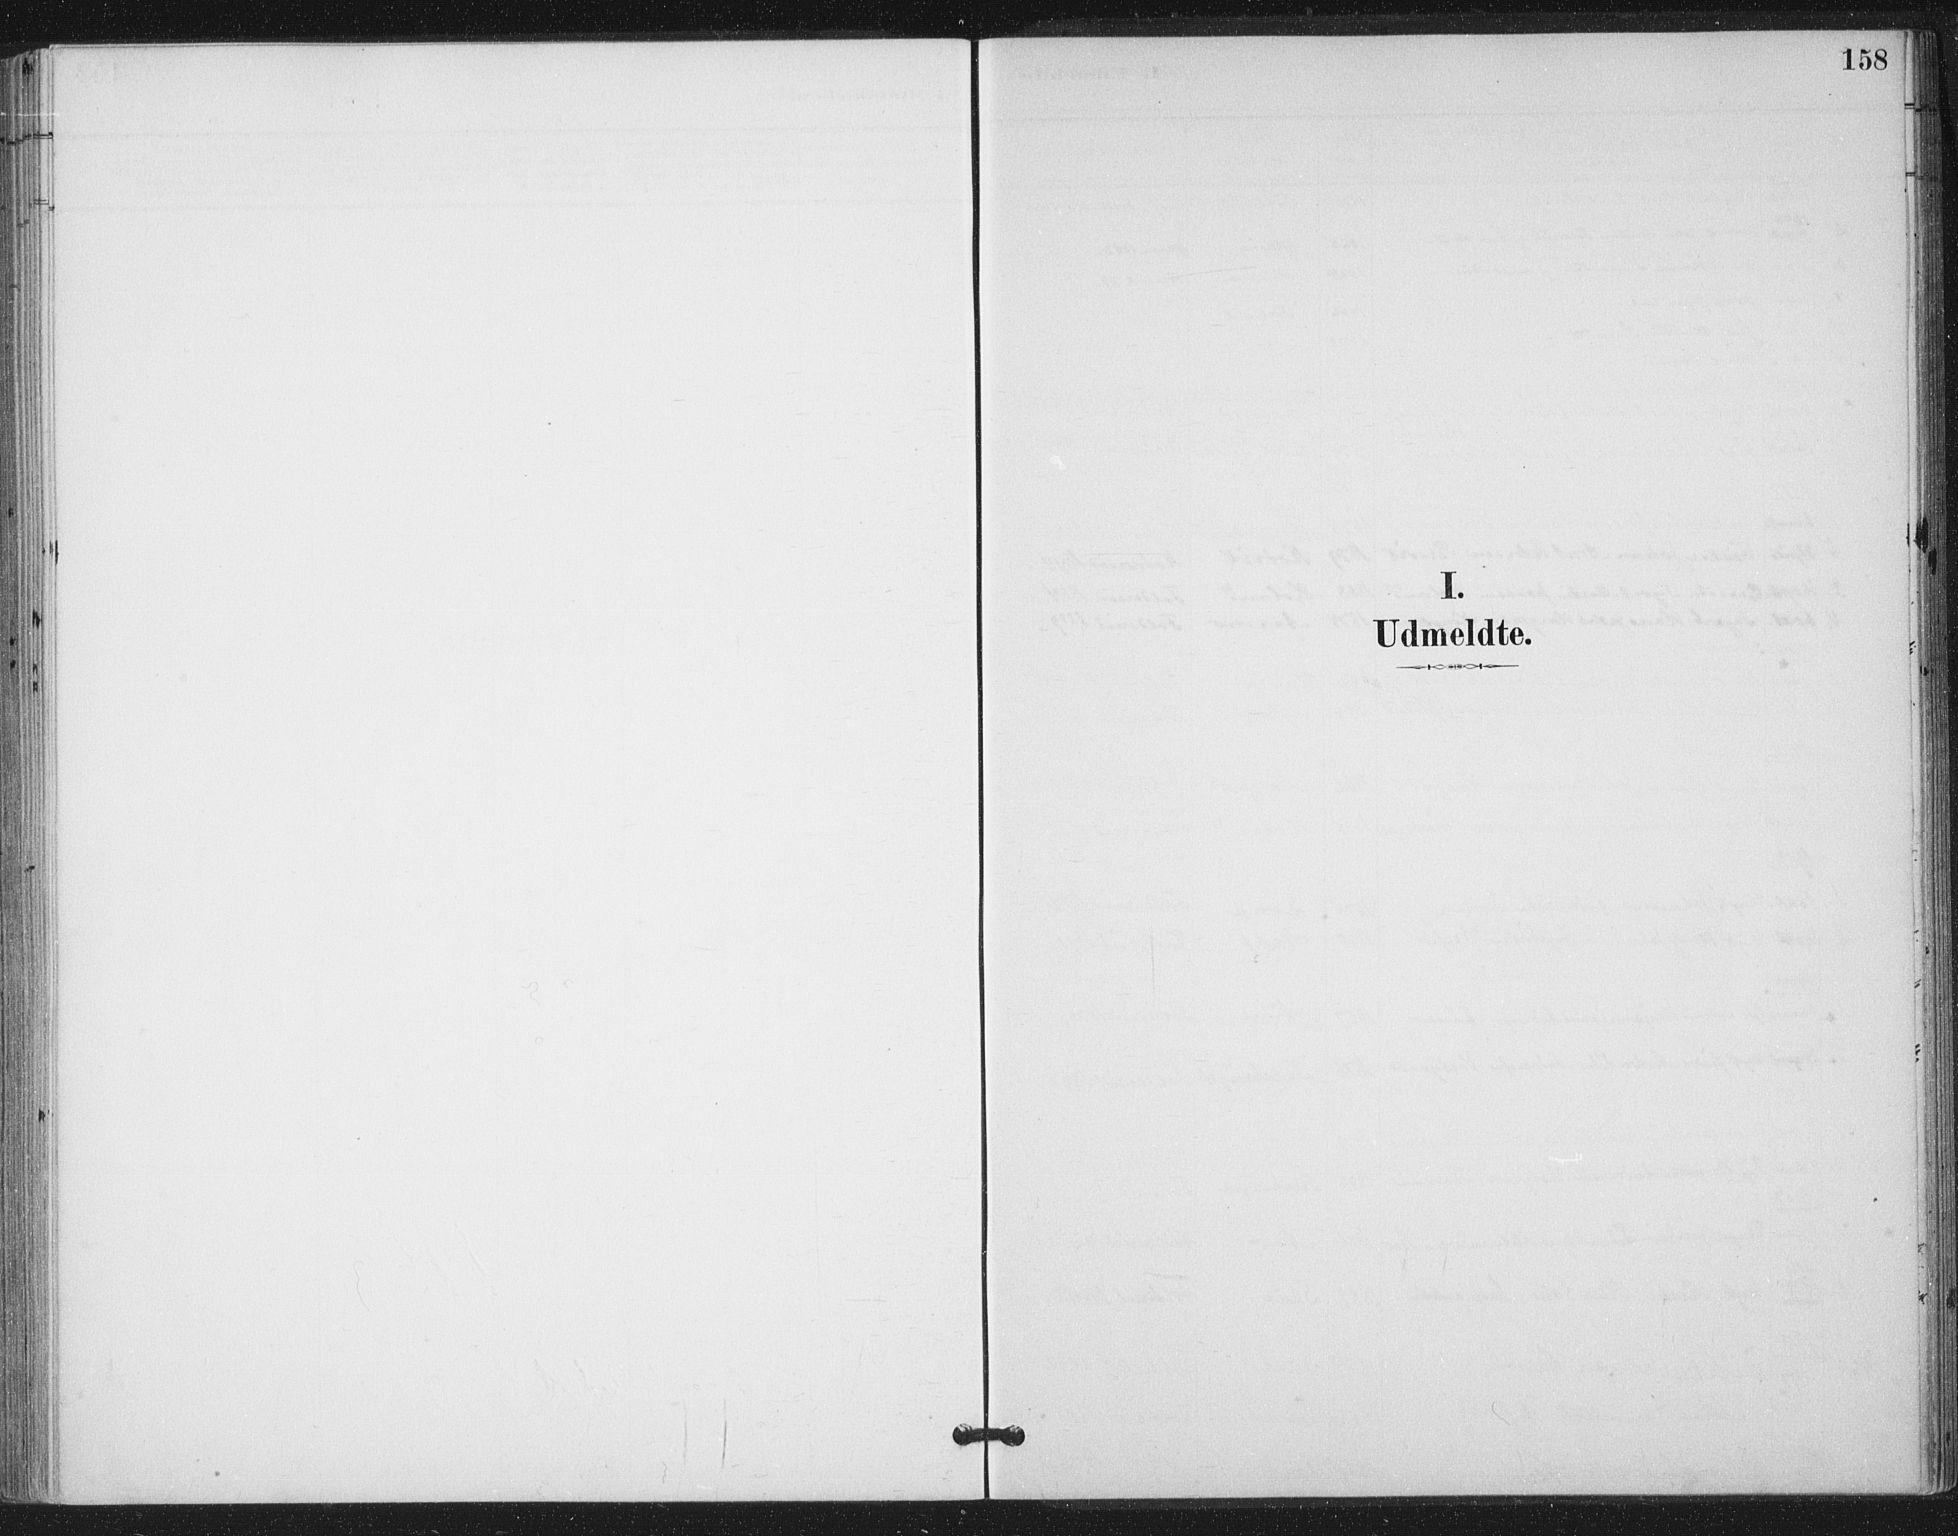 SAT, Ministerialprotokoller, klokkerbøker og fødselsregistre - Nord-Trøndelag, 783/L0660: Ministerialbok nr. 783A02, 1886-1918, s. 158